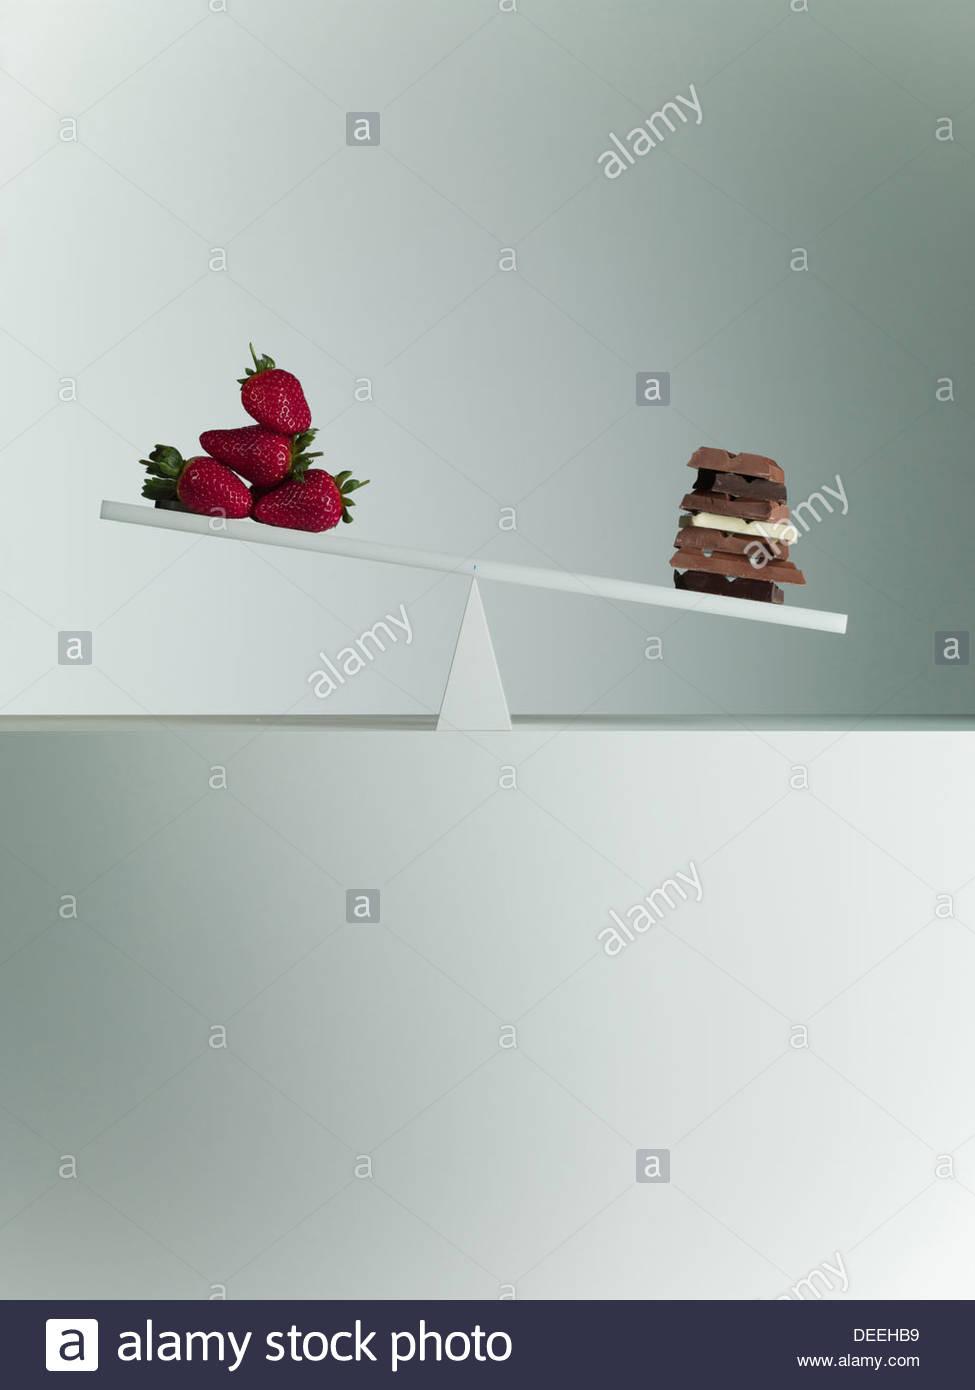 Barres de chocolat tipping seesaw avec fraises à l'extrémité opposée Photo Stock